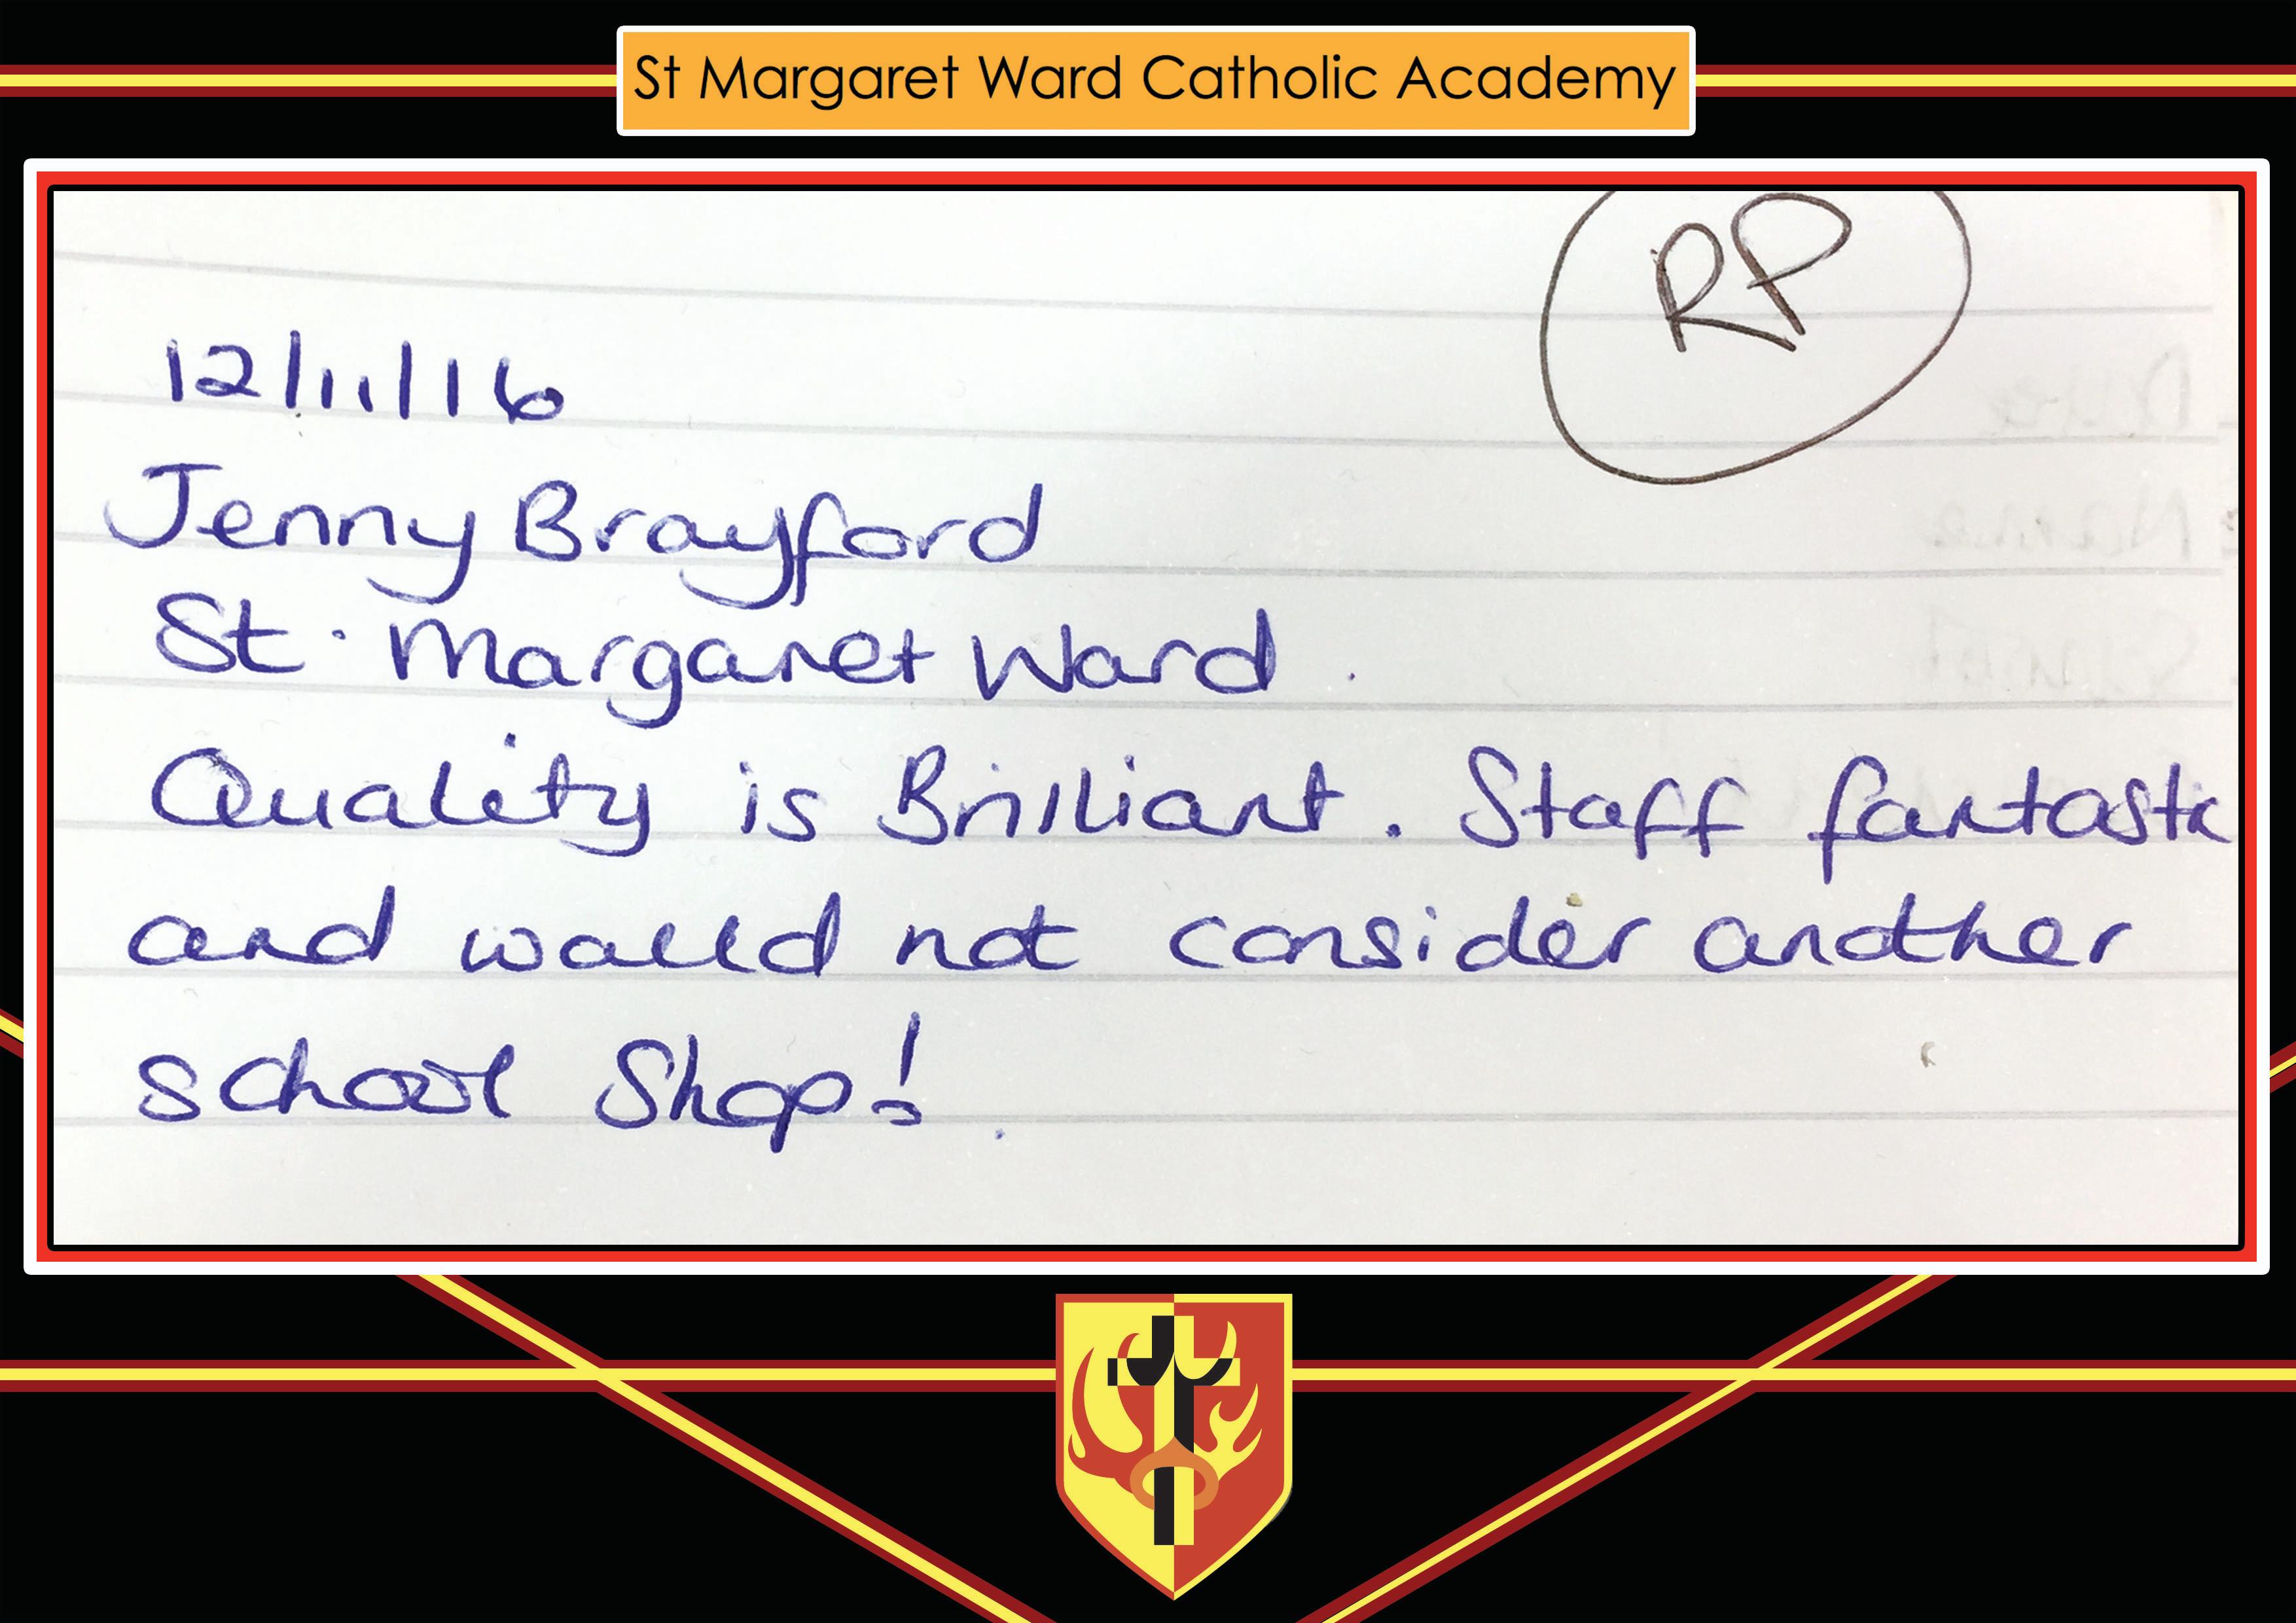 ST MARGARET WARD testimonial